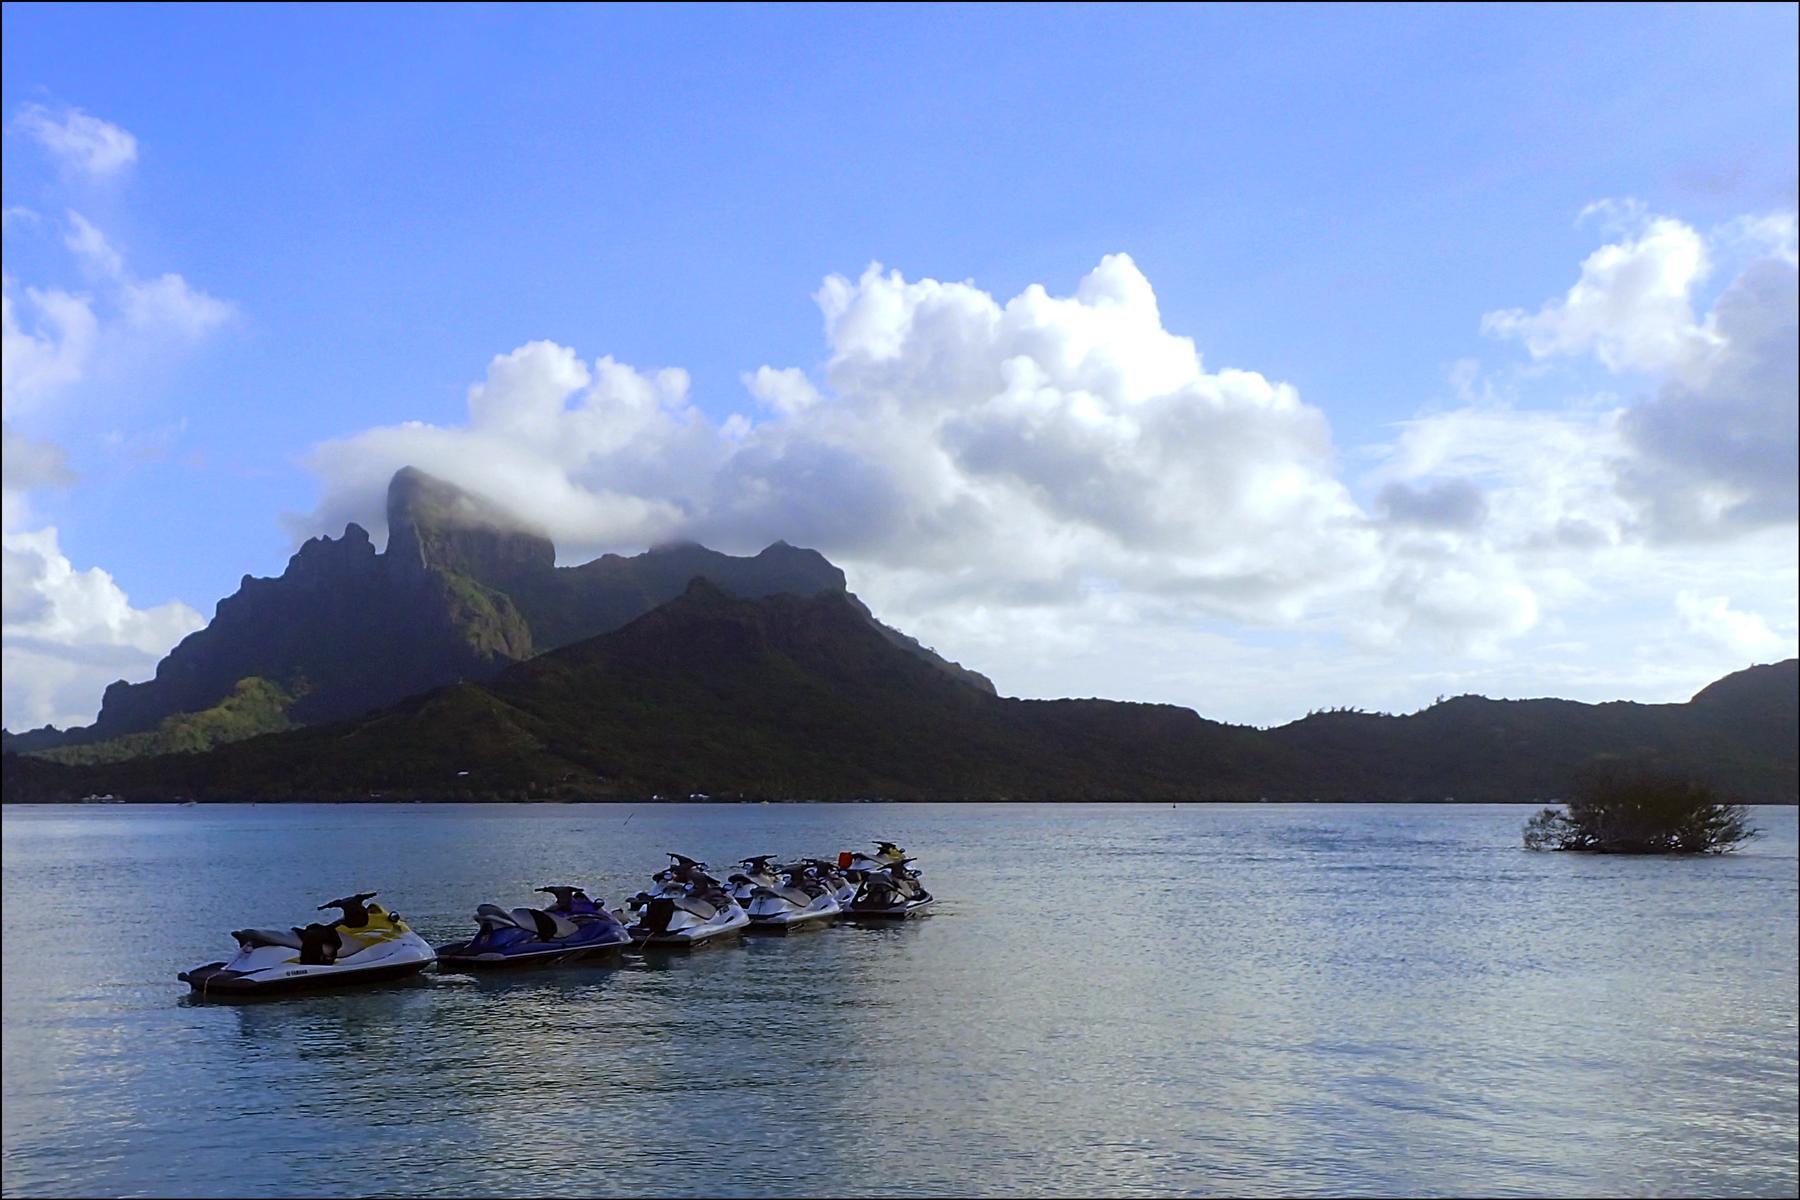 Waverunner View of Bora Bora